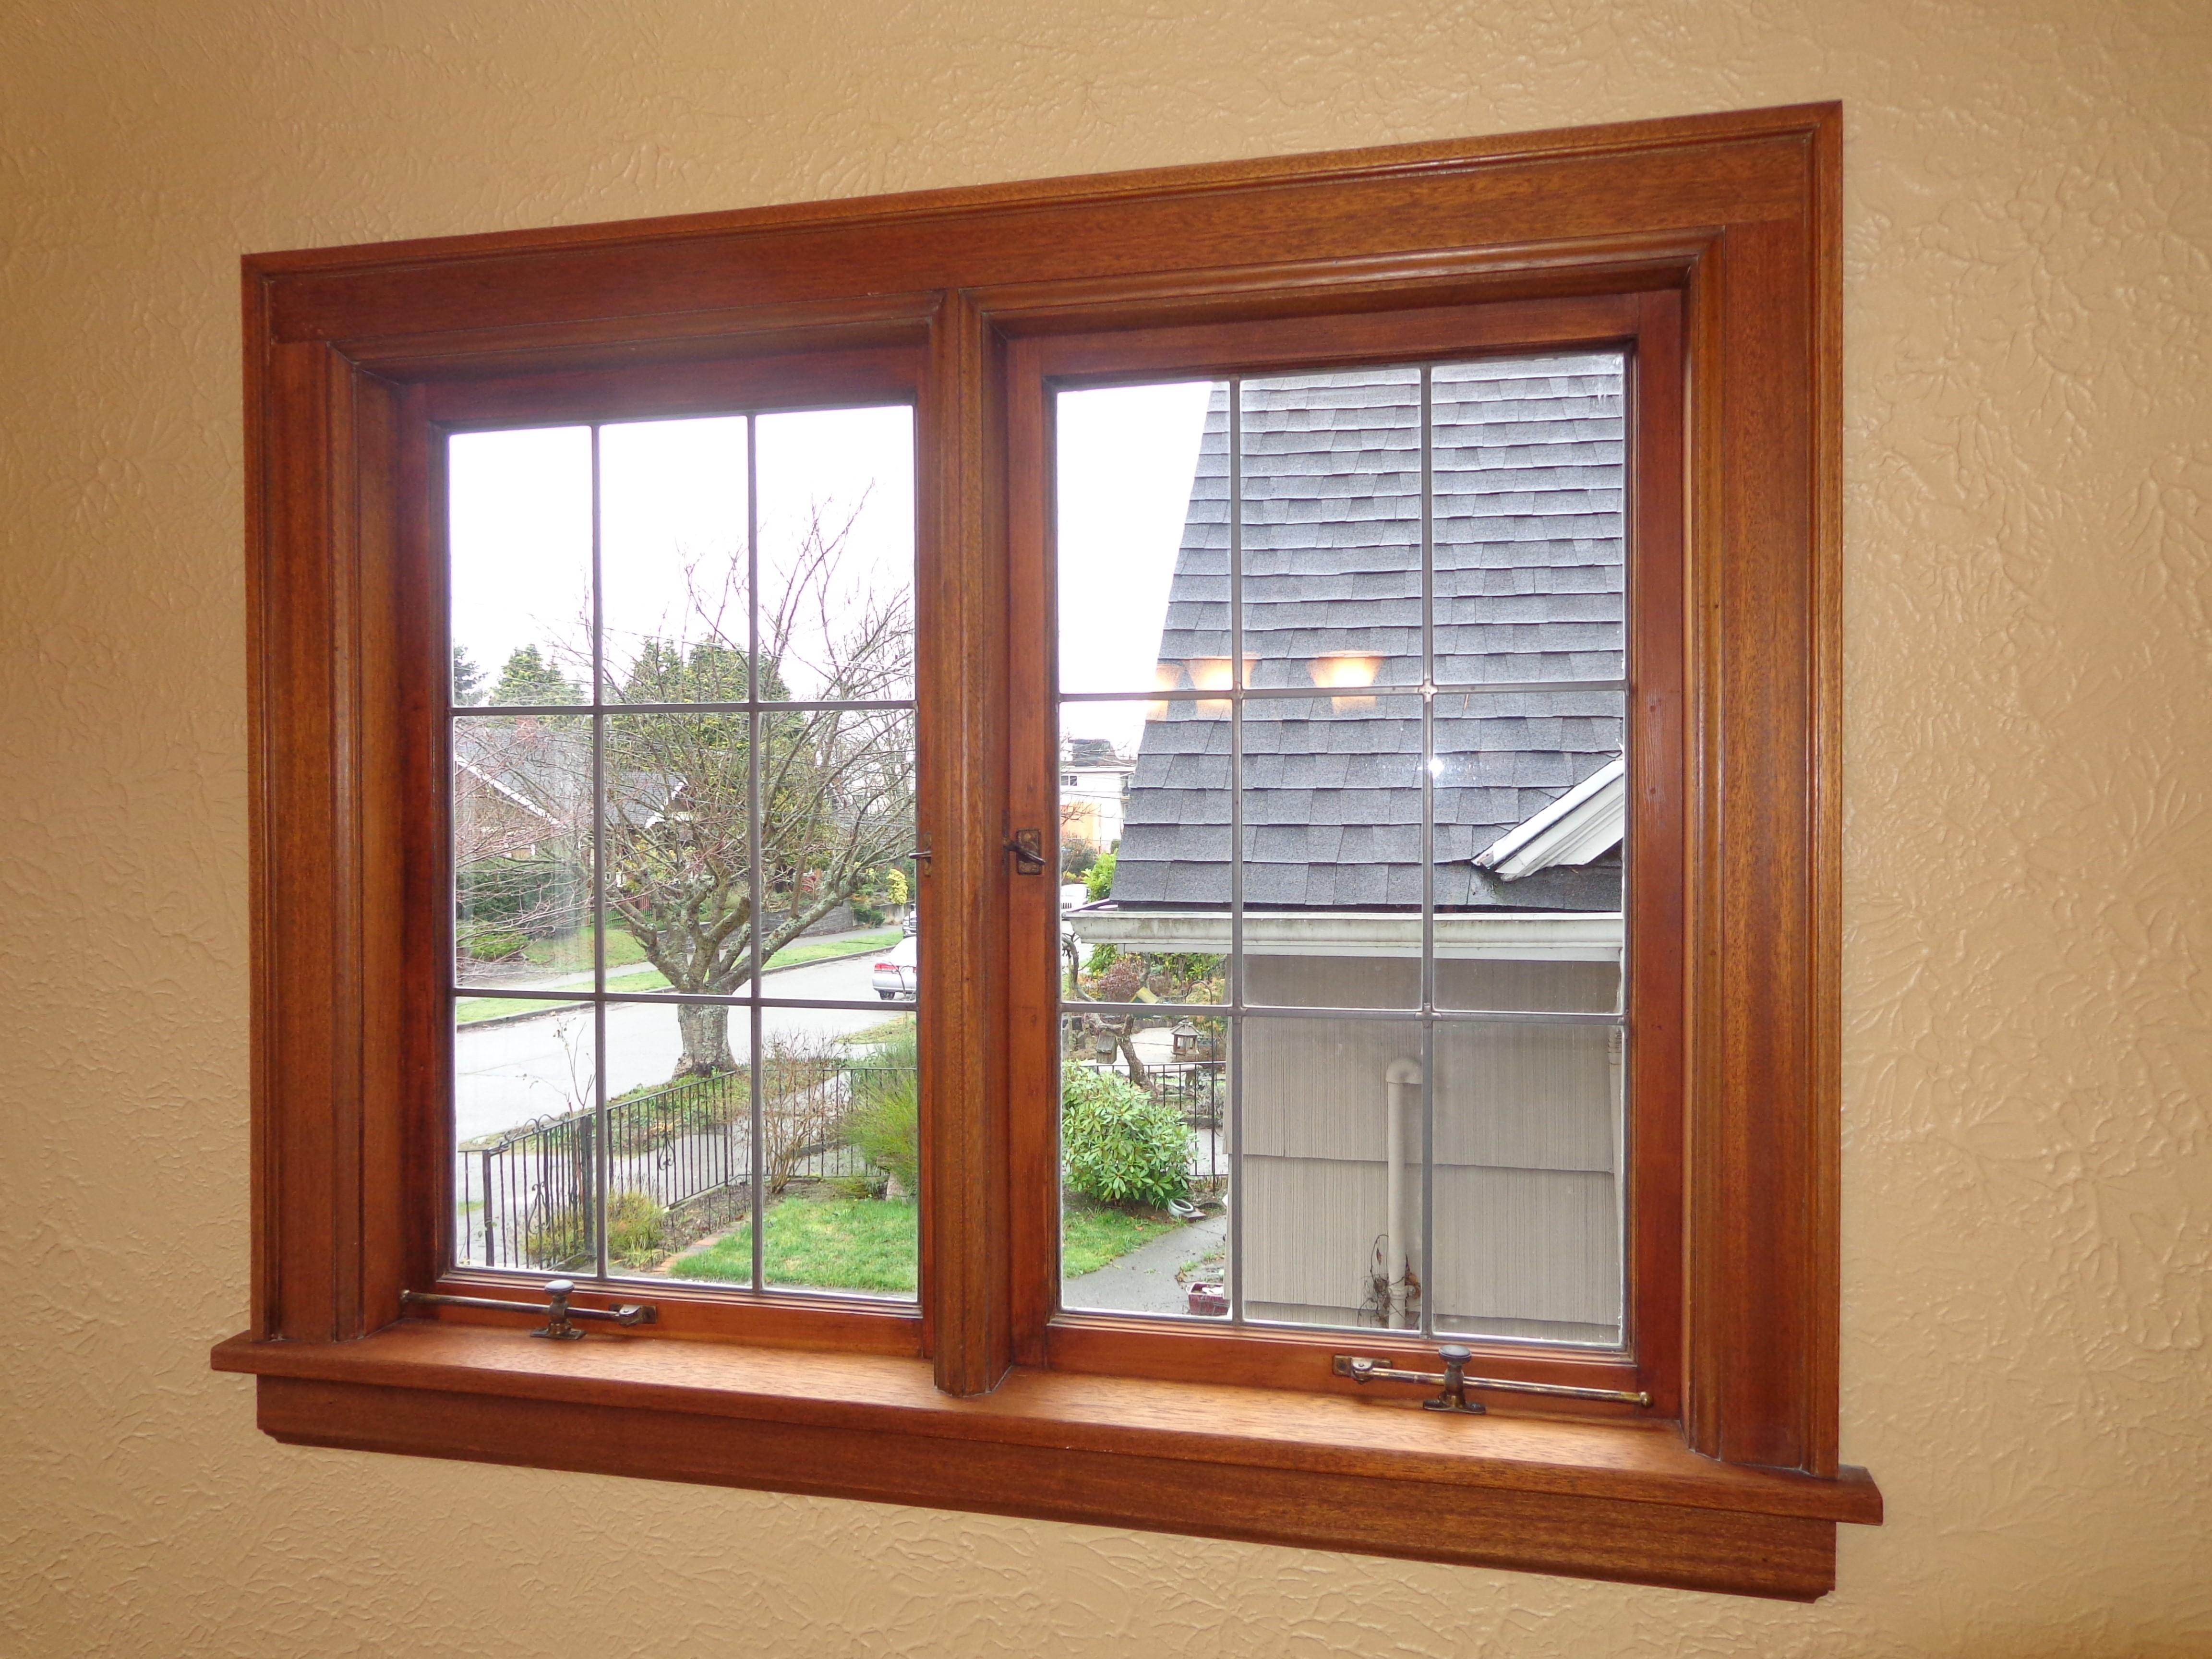 Деревянный вид окна